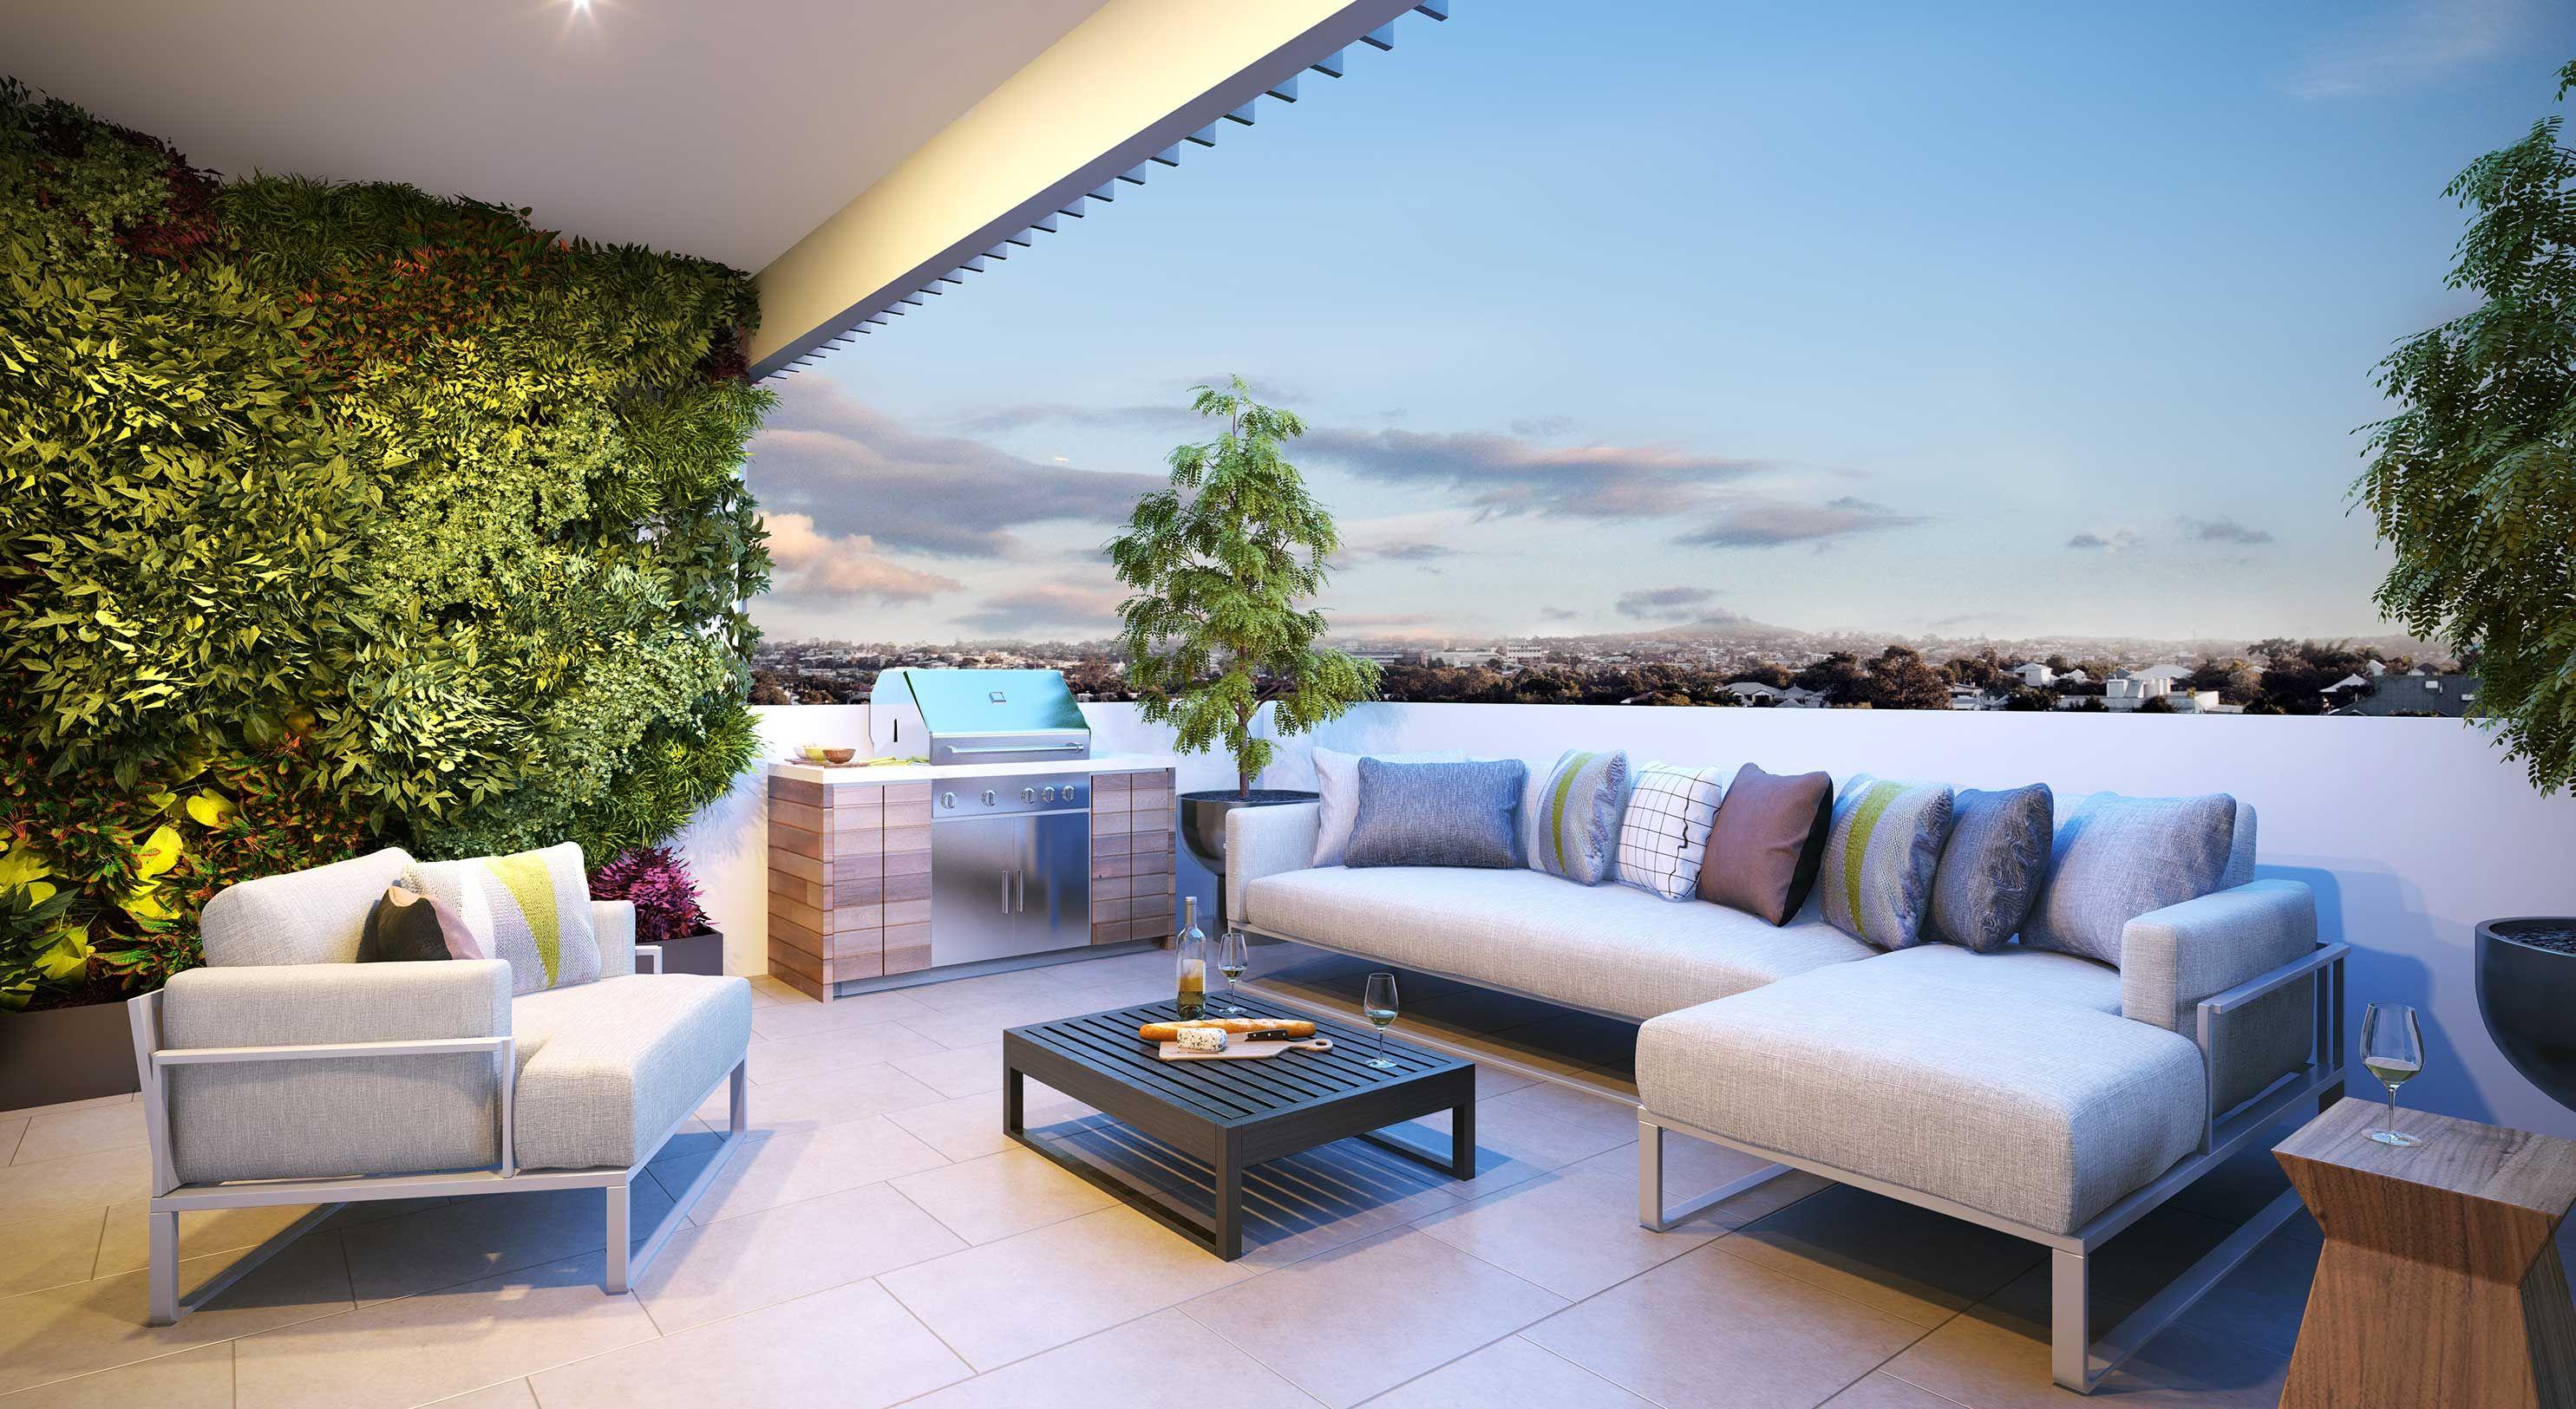 terraza chill out barbacoa | Decoración terrazas | Pinterest ...